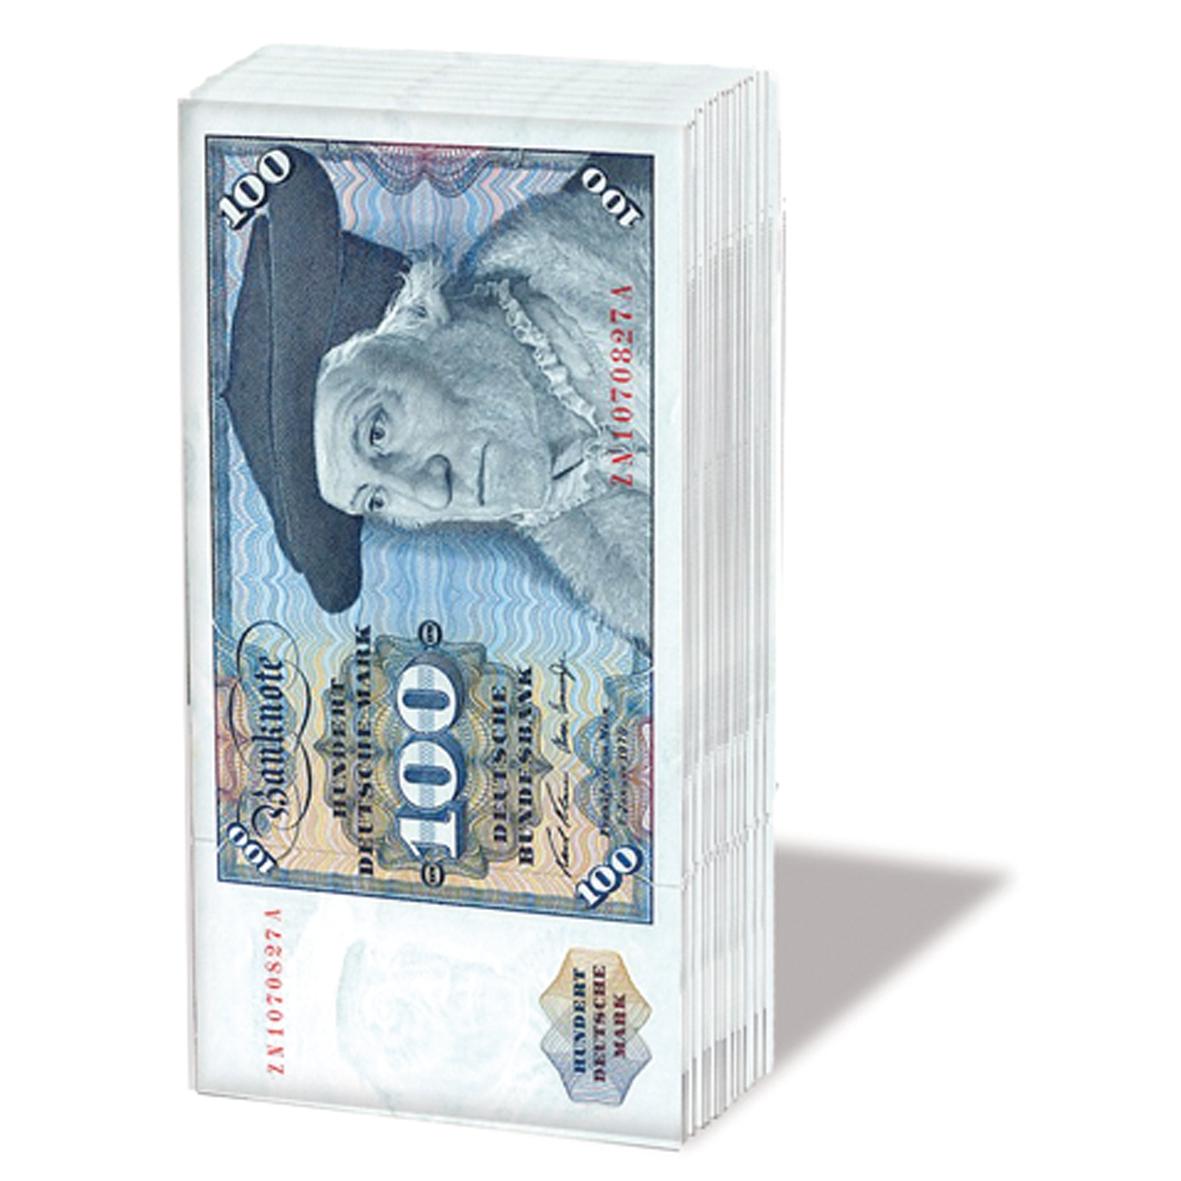 Taschentücher D-Mark,  Ereignisse,  Sonstiges,  Everyday,  bedruckte papiertaschentücher,  Geld